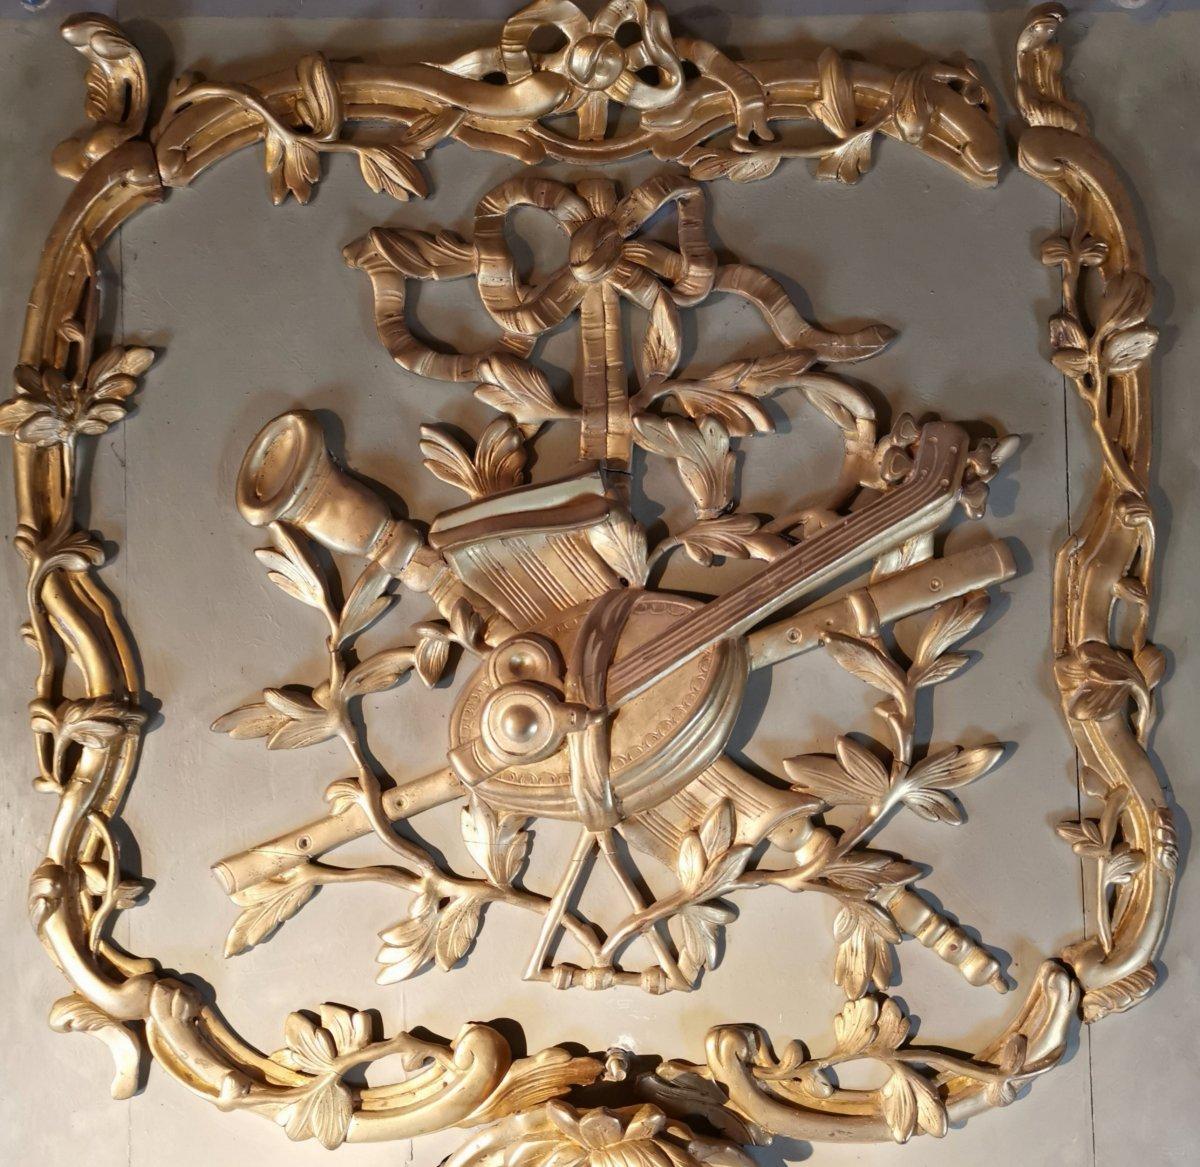 Trumeau de Boiserie  Louis XV - Transition - Louis XVI .